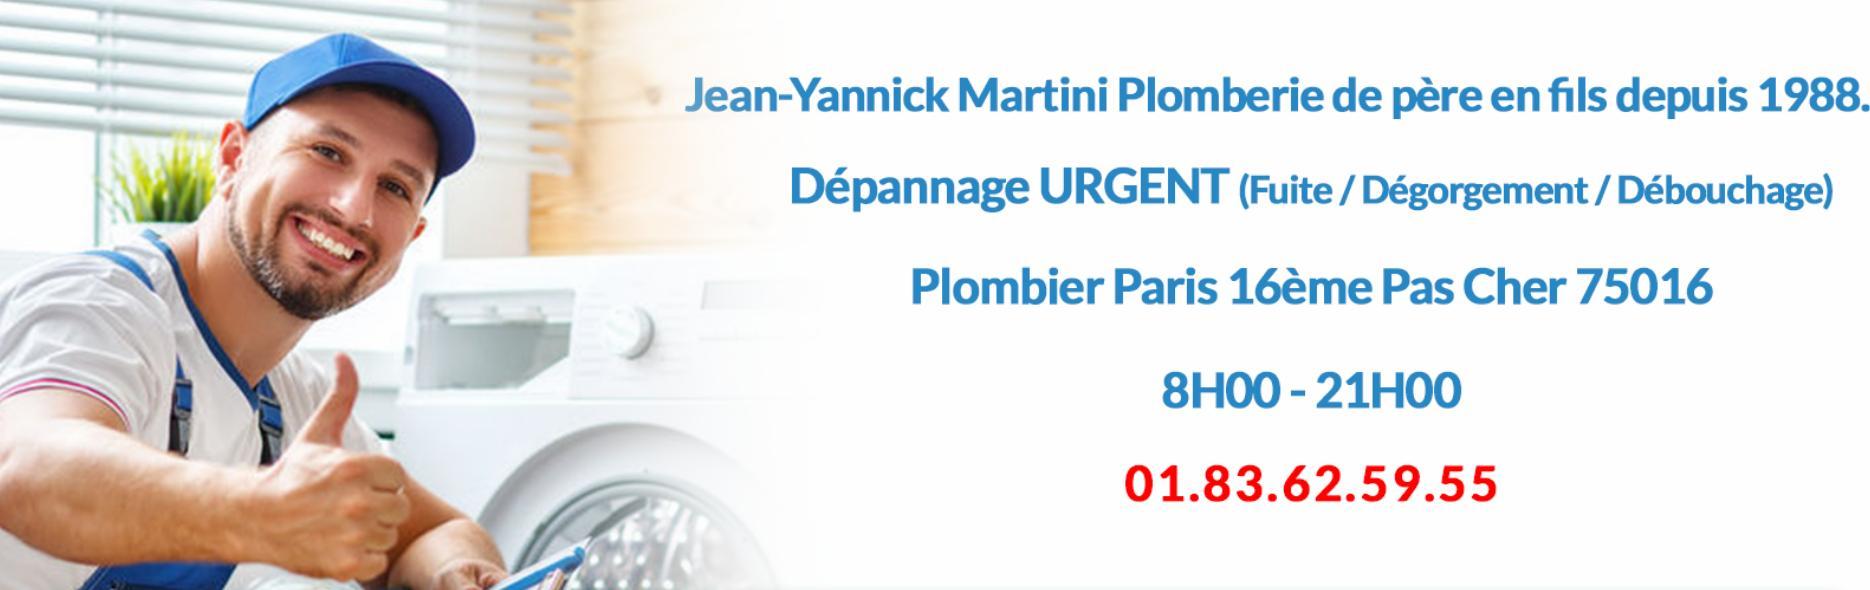 Jean-Yannick Martini Plomberie : plombier pas cher à Paris 16